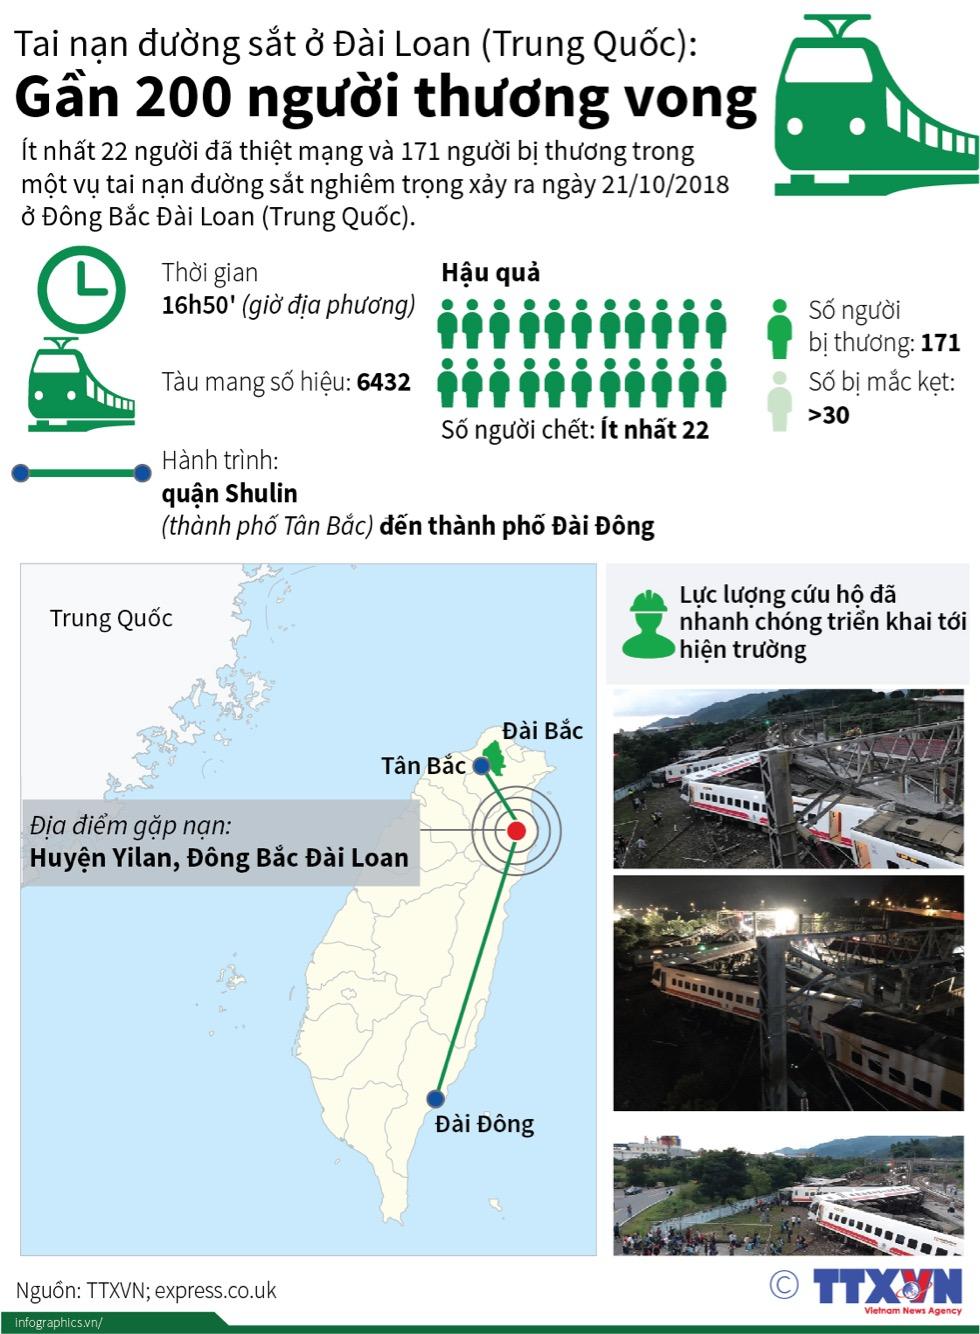 Tai nạn đường sắt ở Đài Loan (Trung Quốc): Gần 200 người